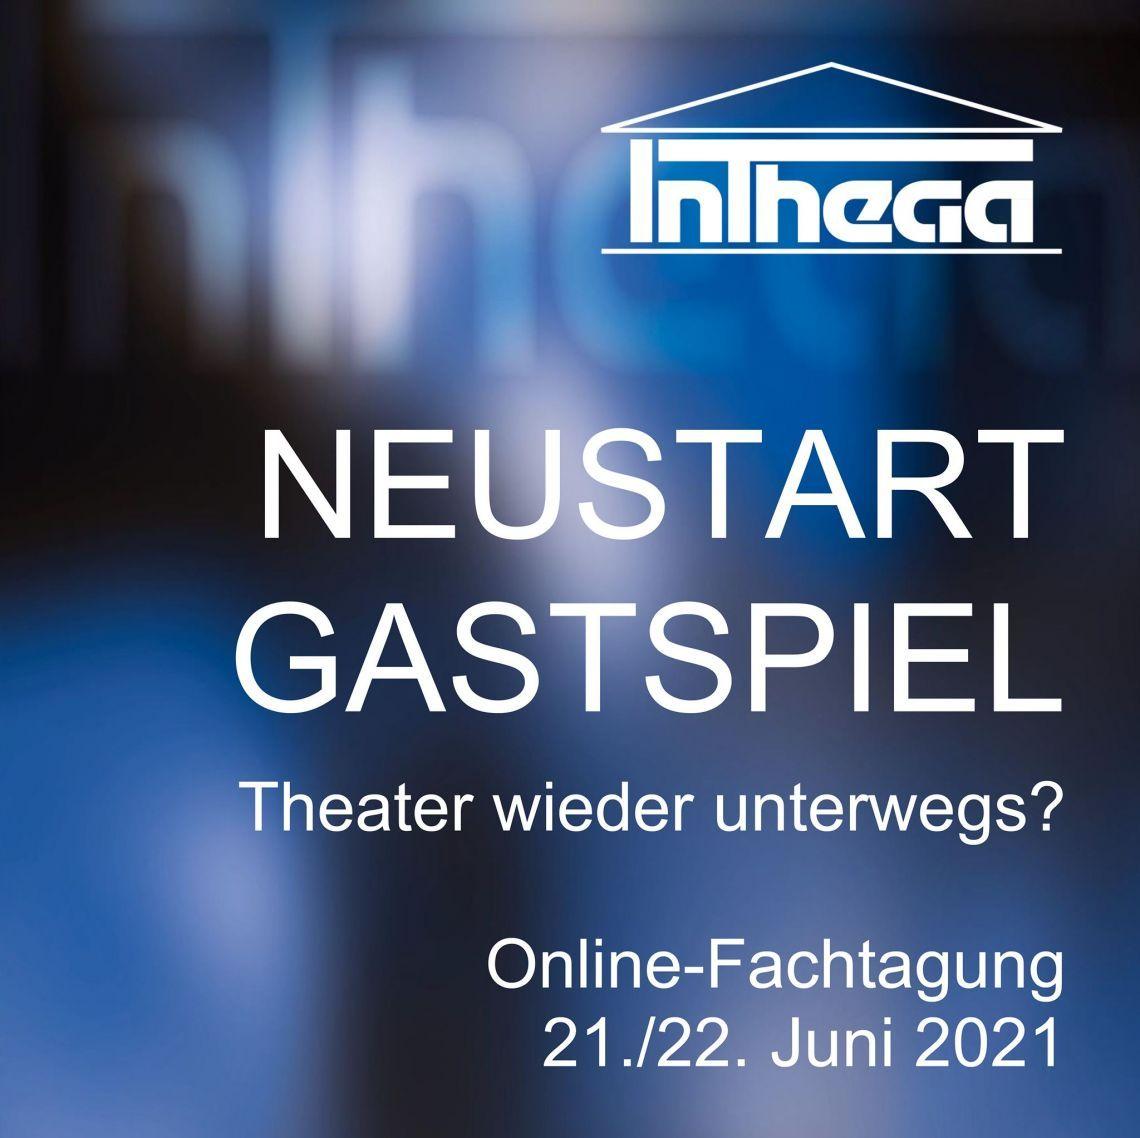 INTHEGA Online-Fachtagung (21./22. Juni 2021) - jetzt anmelden